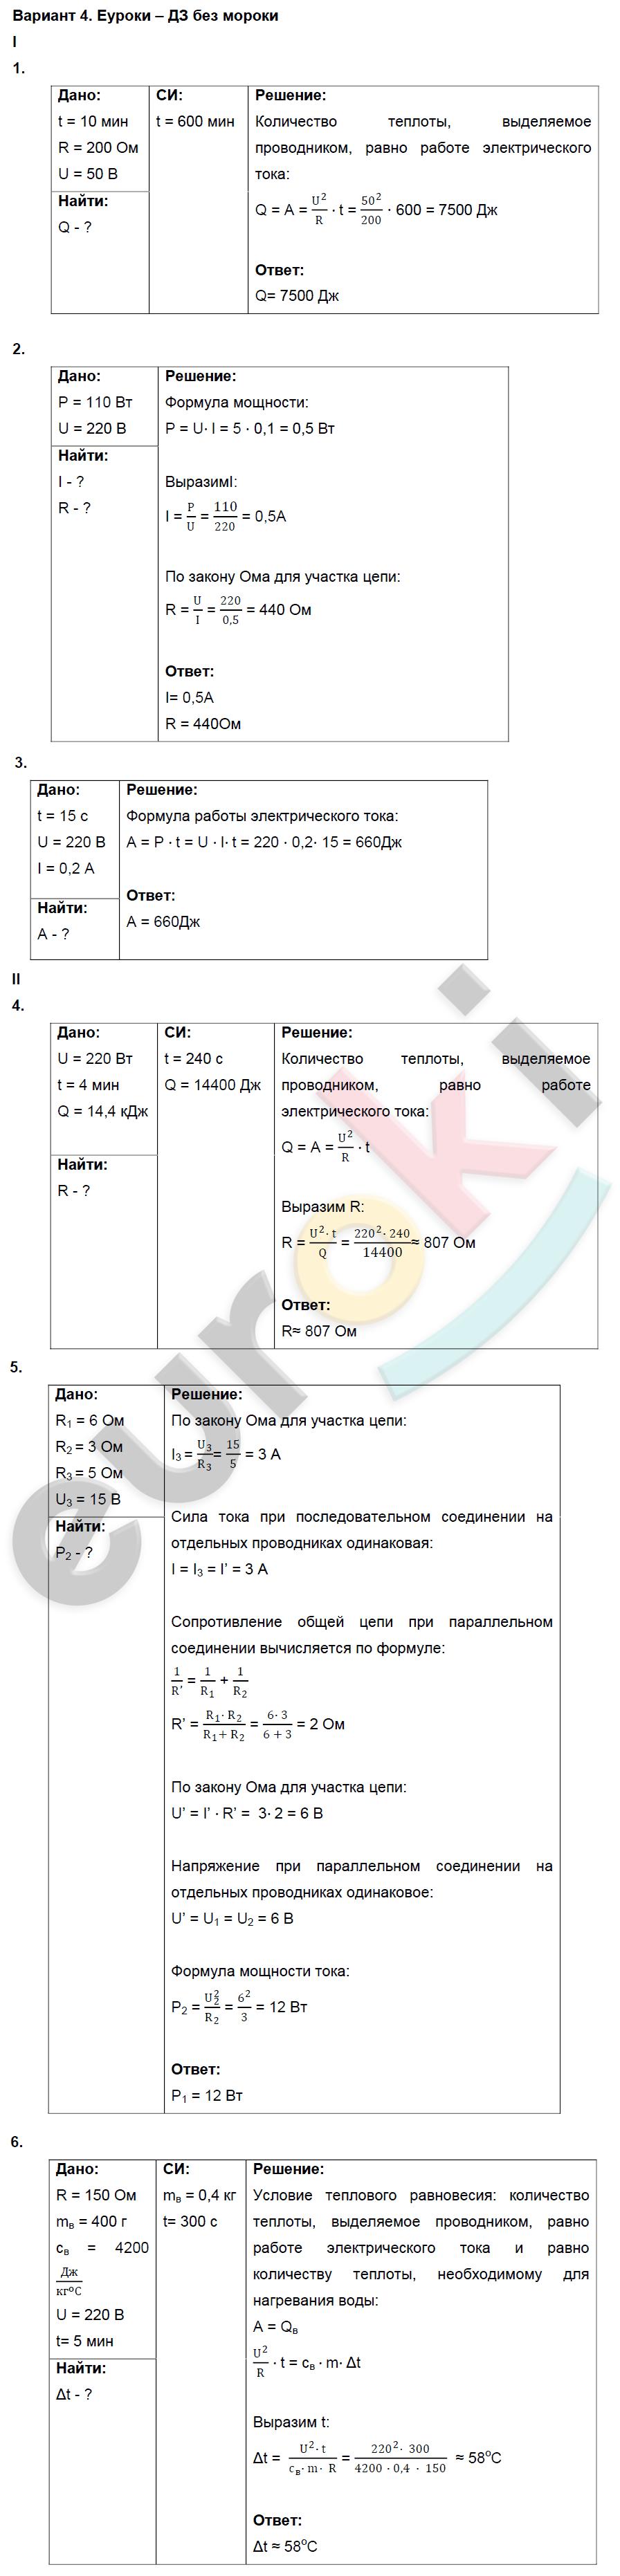 ГДЗ по физике 8 класс дидактические материалы Марон, Перышкин Контрольные работы, КР-4. Работа и мощность тока. Задание: Вариант 4